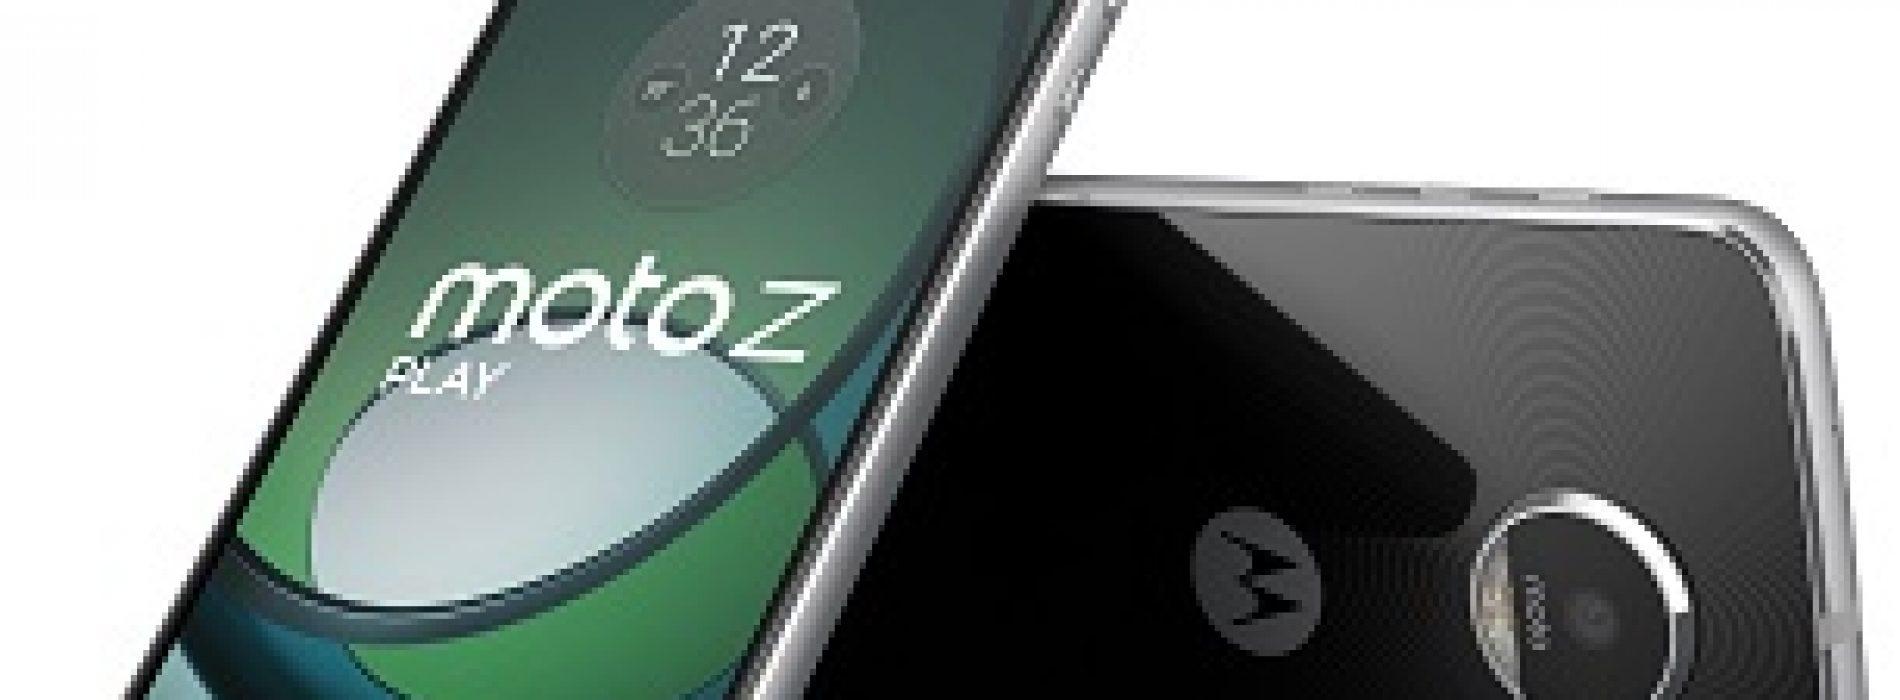 Z Play con Mods, una nueva forma de usar el móvil